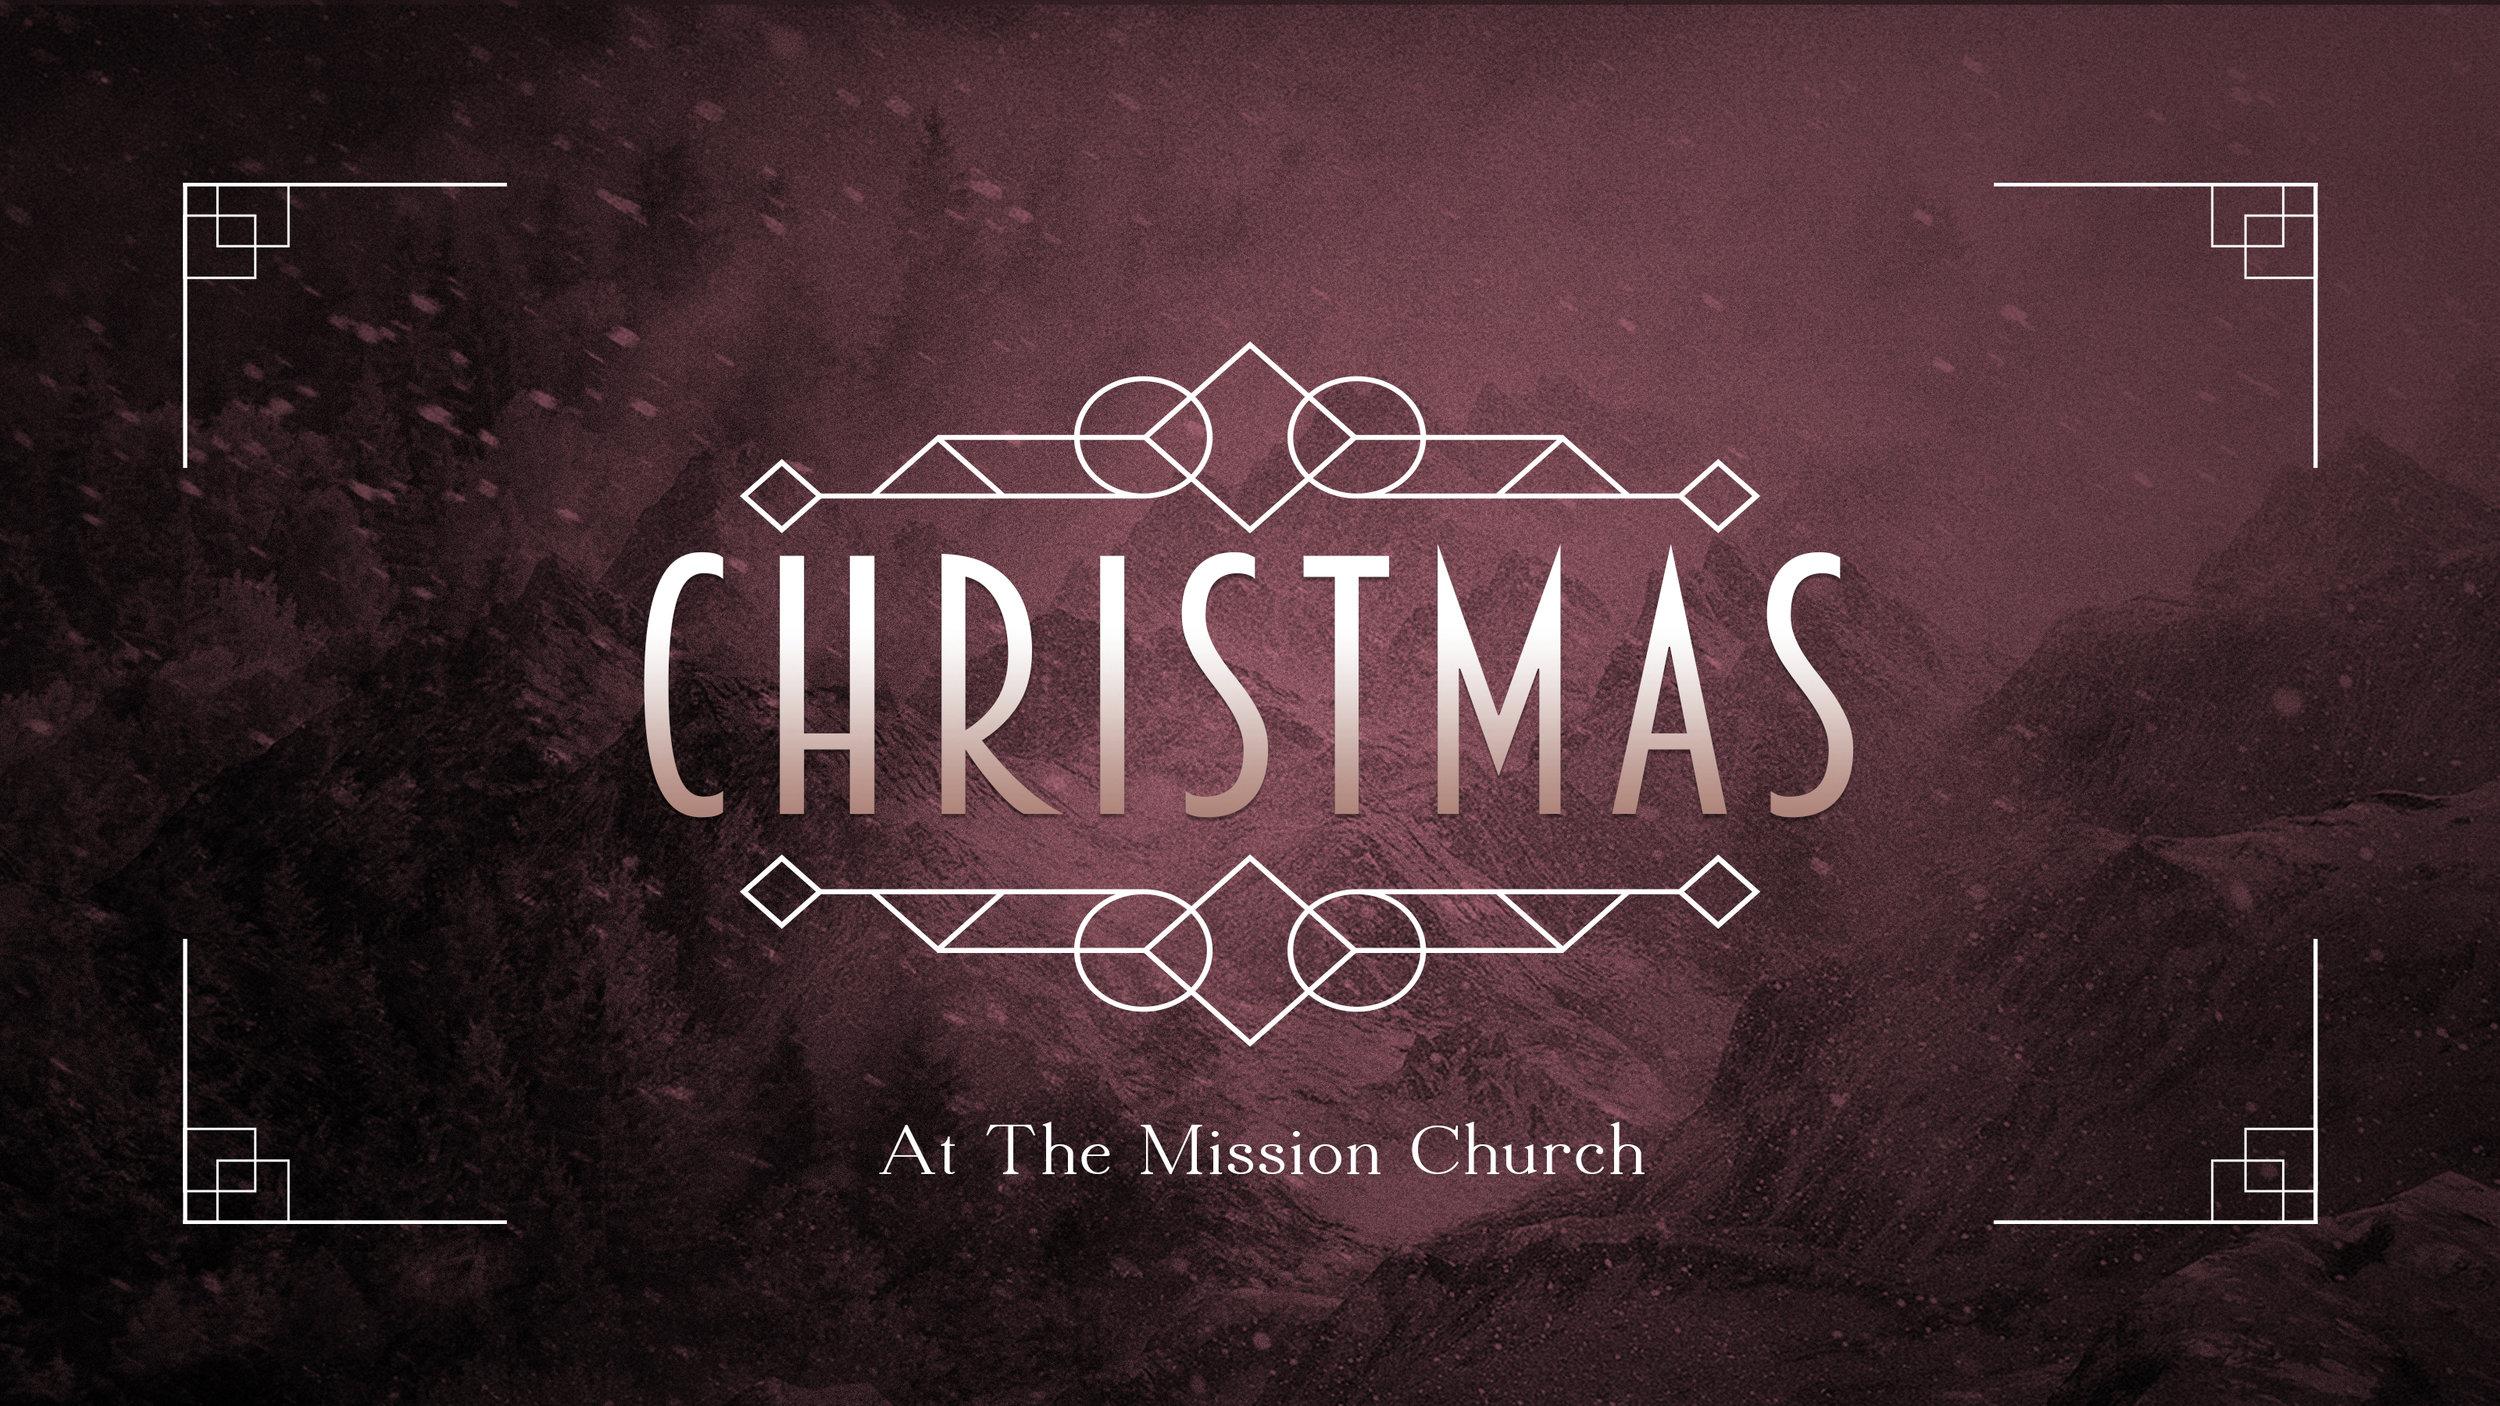 Christmas at The Mission Church in South Jordan Utah